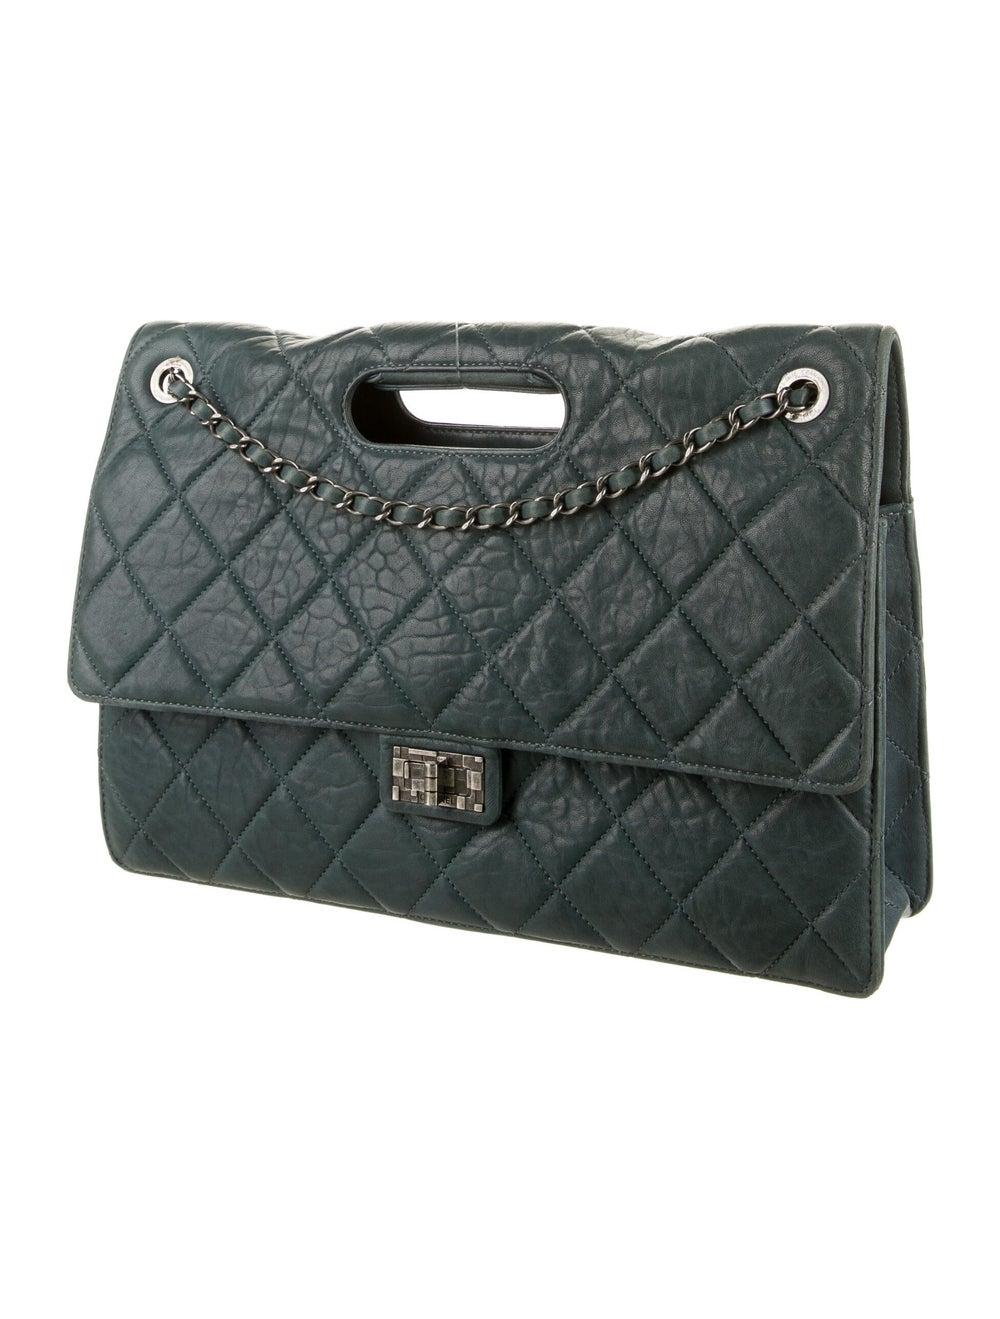 Chanel Paris-Byzance Take-Away Flap Bag Blue - image 3